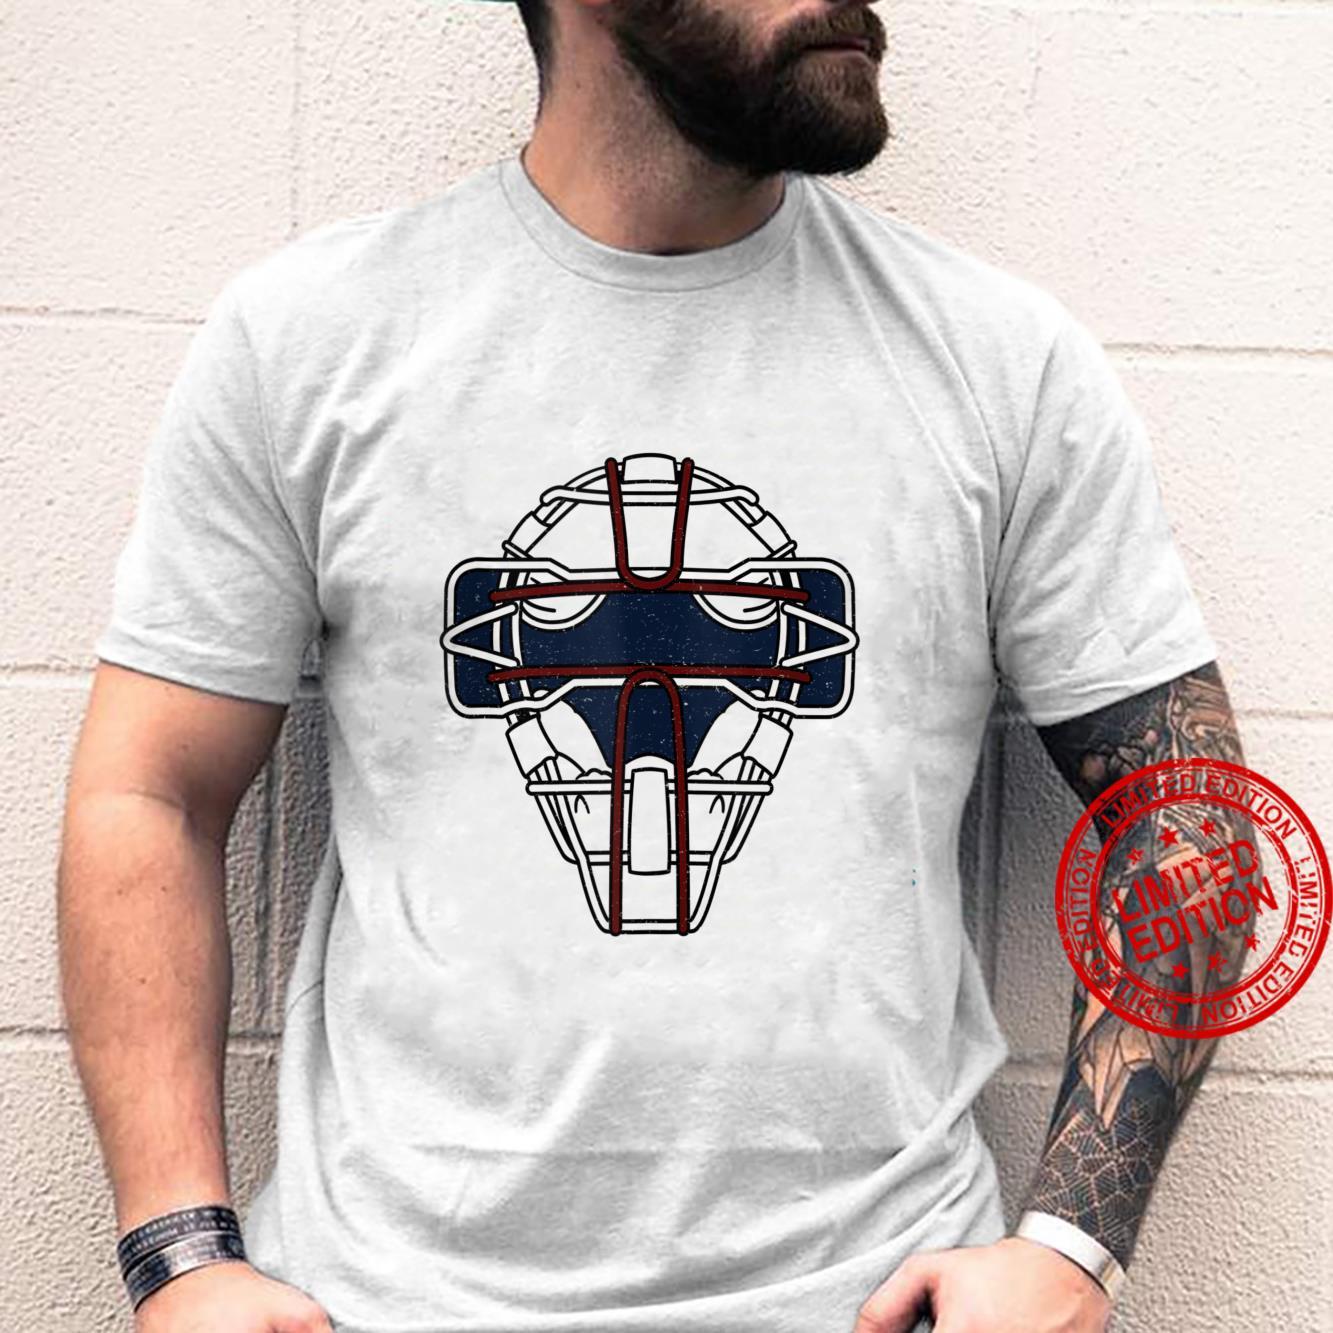 Baseball Inspired Catcher Face Mask Design Shirt